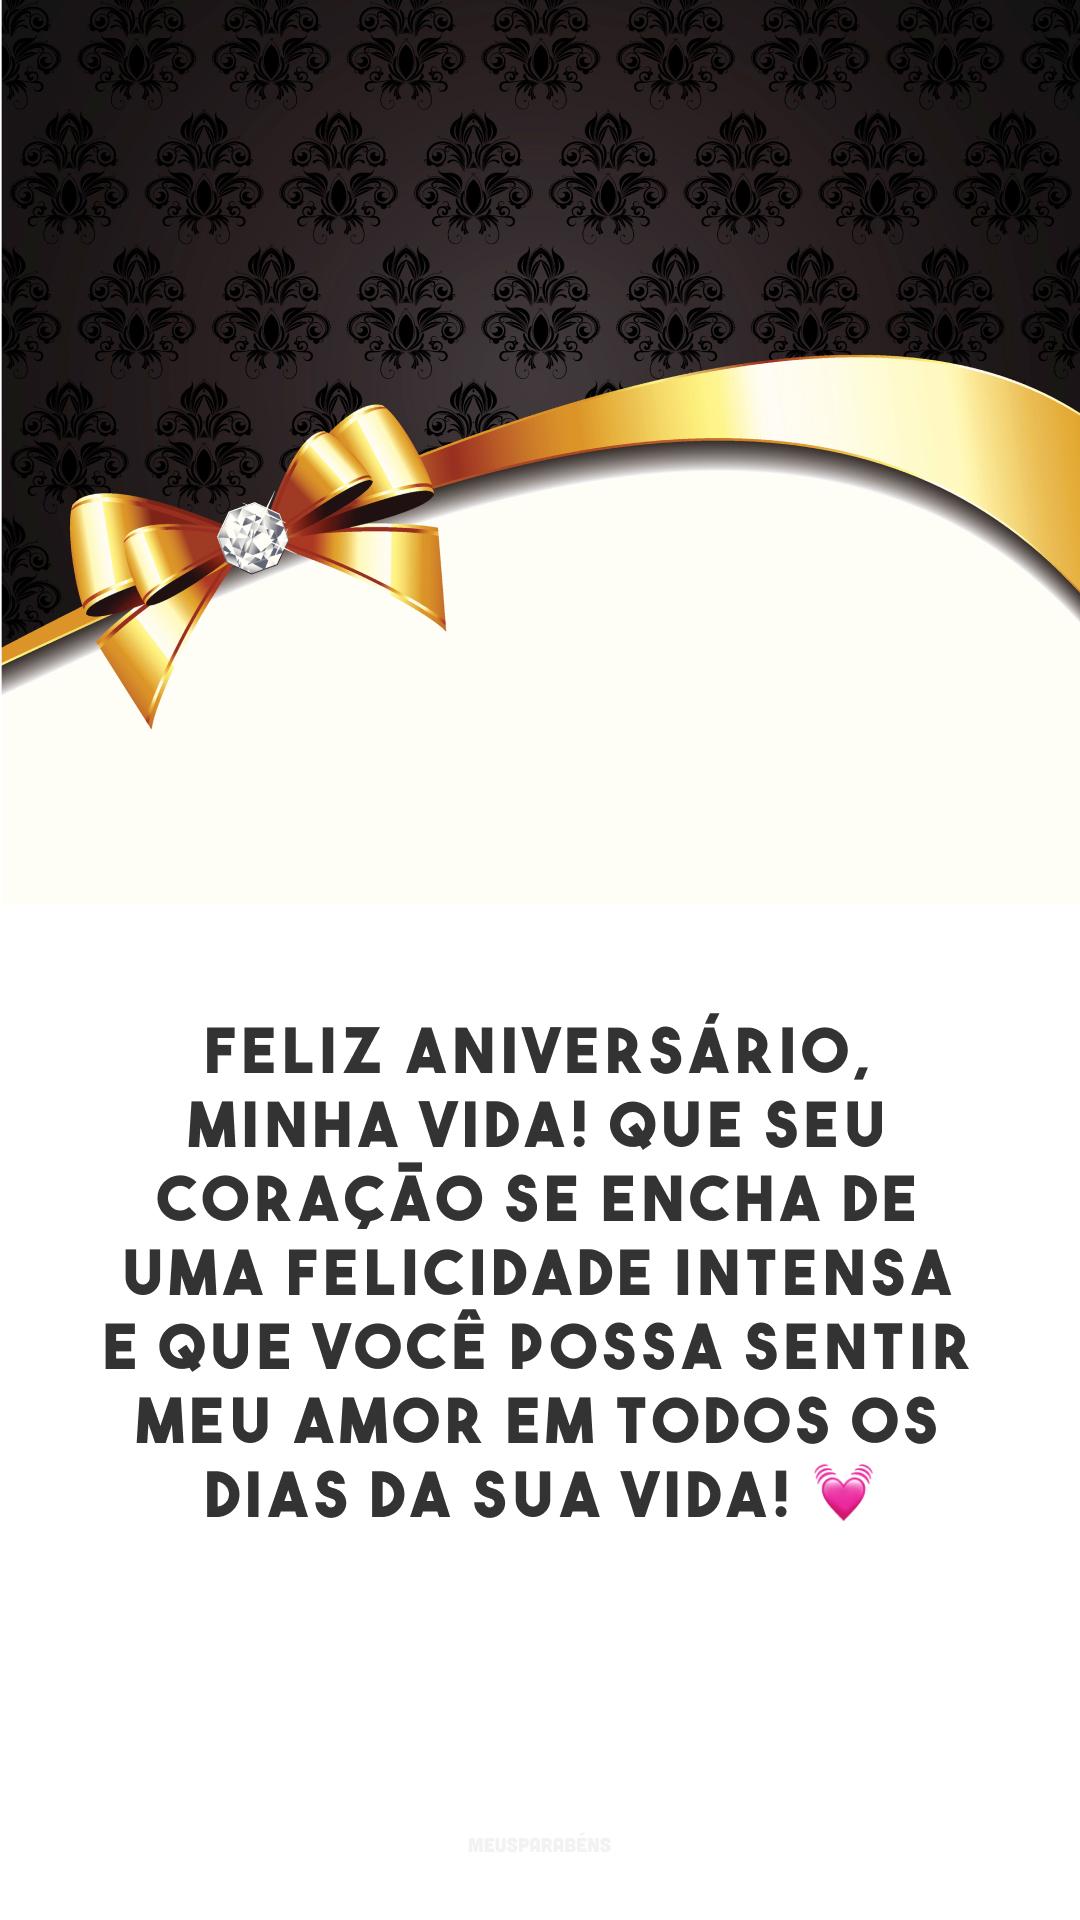 Feliz aniversário, minha vida! Que seu coração se encha de uma felicidade intensa e que você possa sentir meu amor em todos os dias da sua vida! 💓